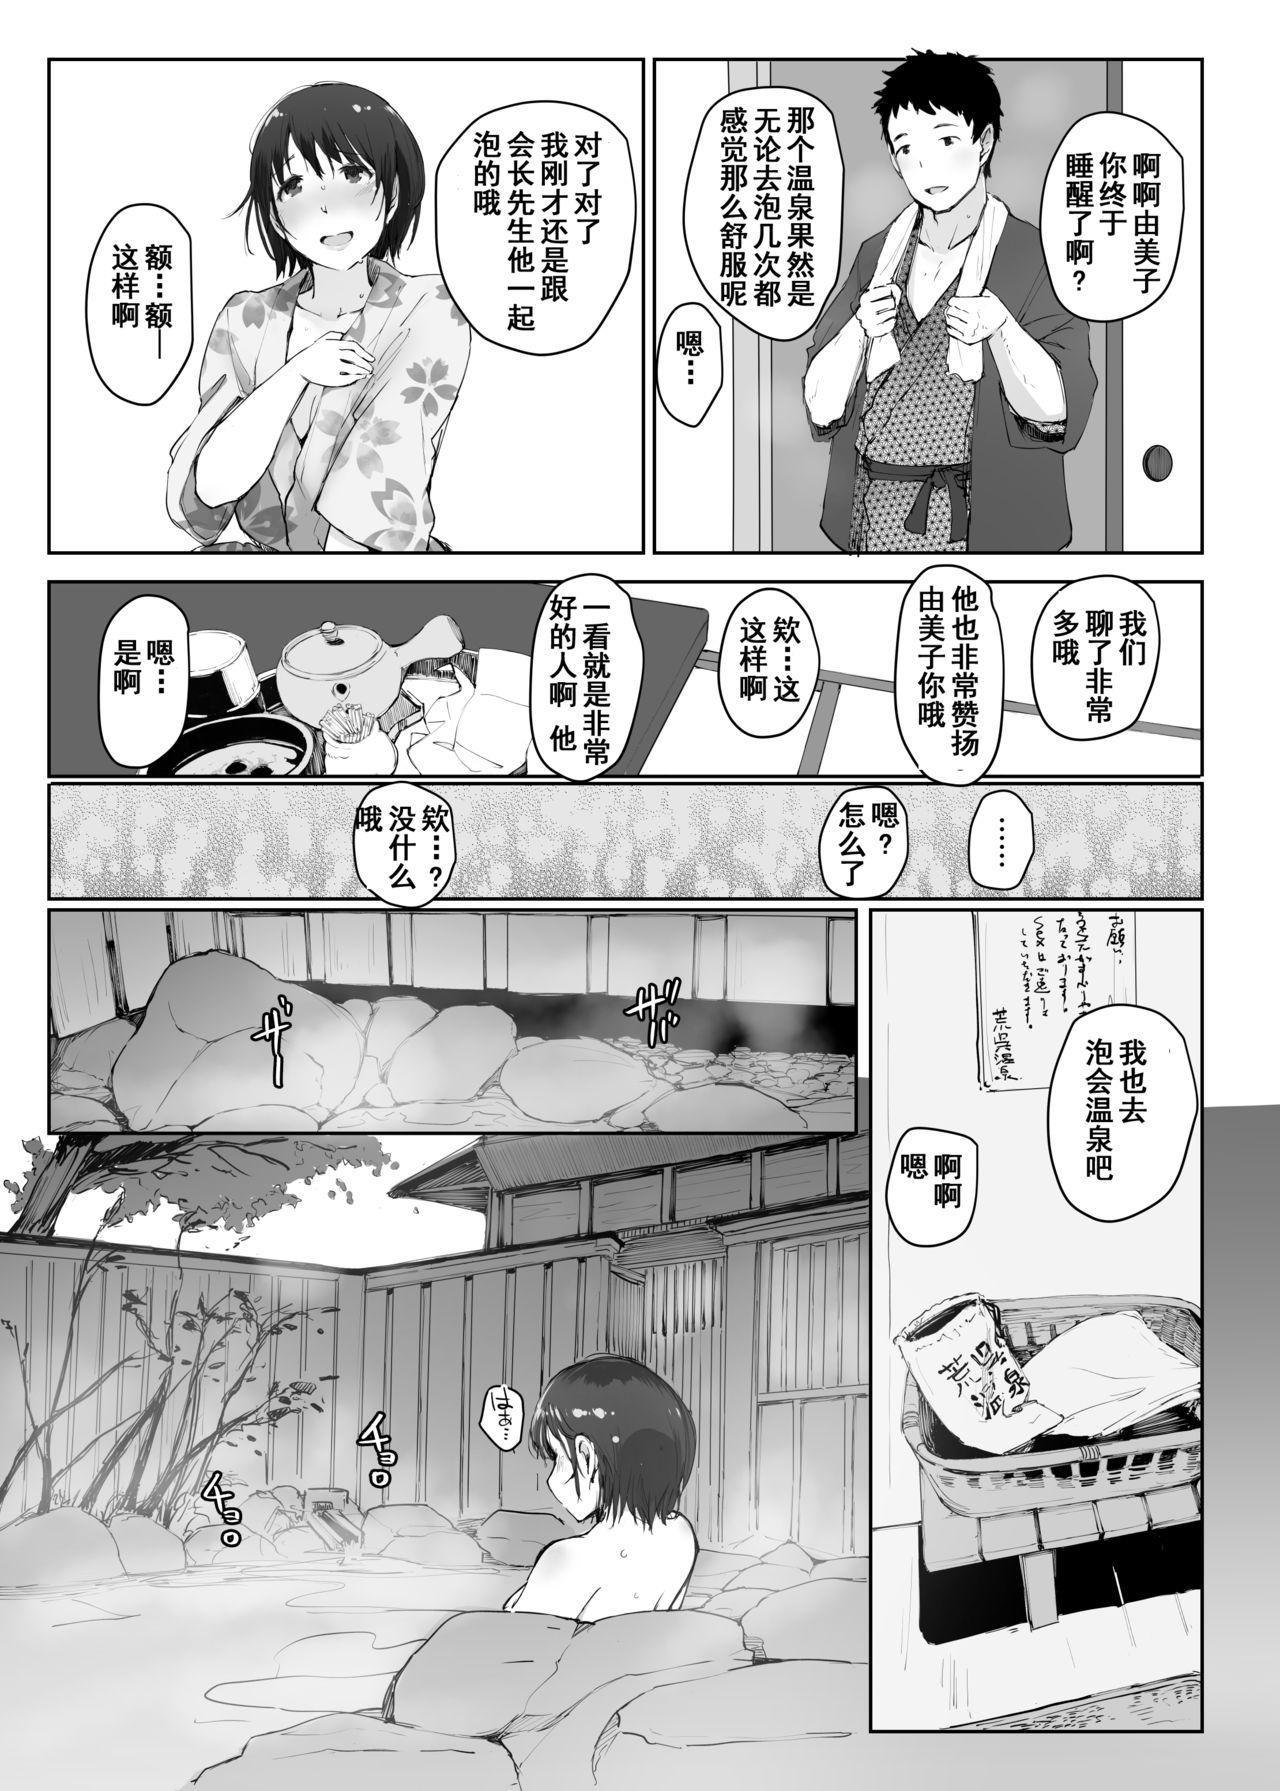 Hitozuma to NTR Chounai Ryokou 13